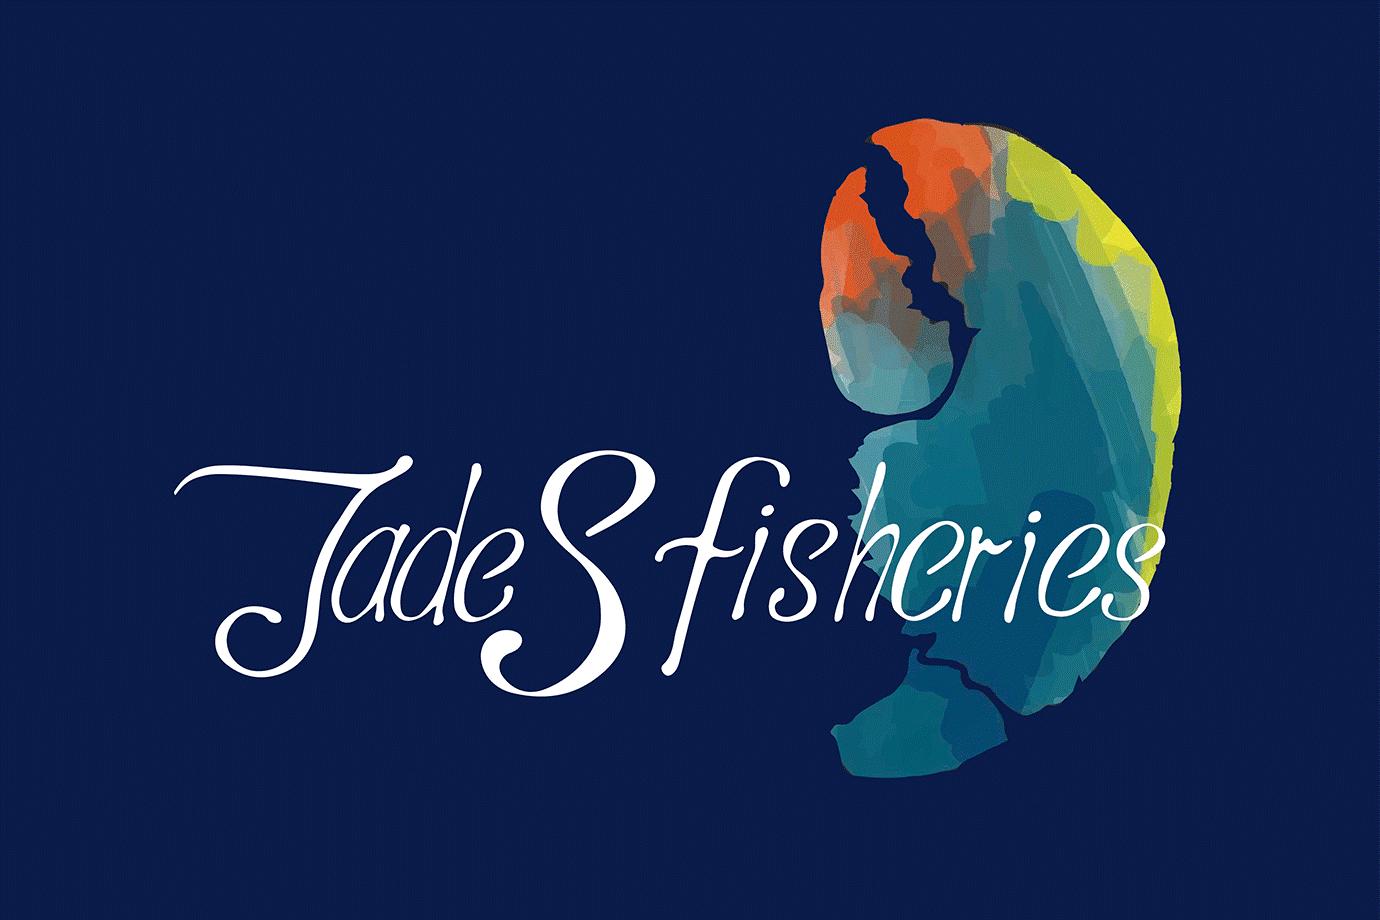 Jade-S Fisheries